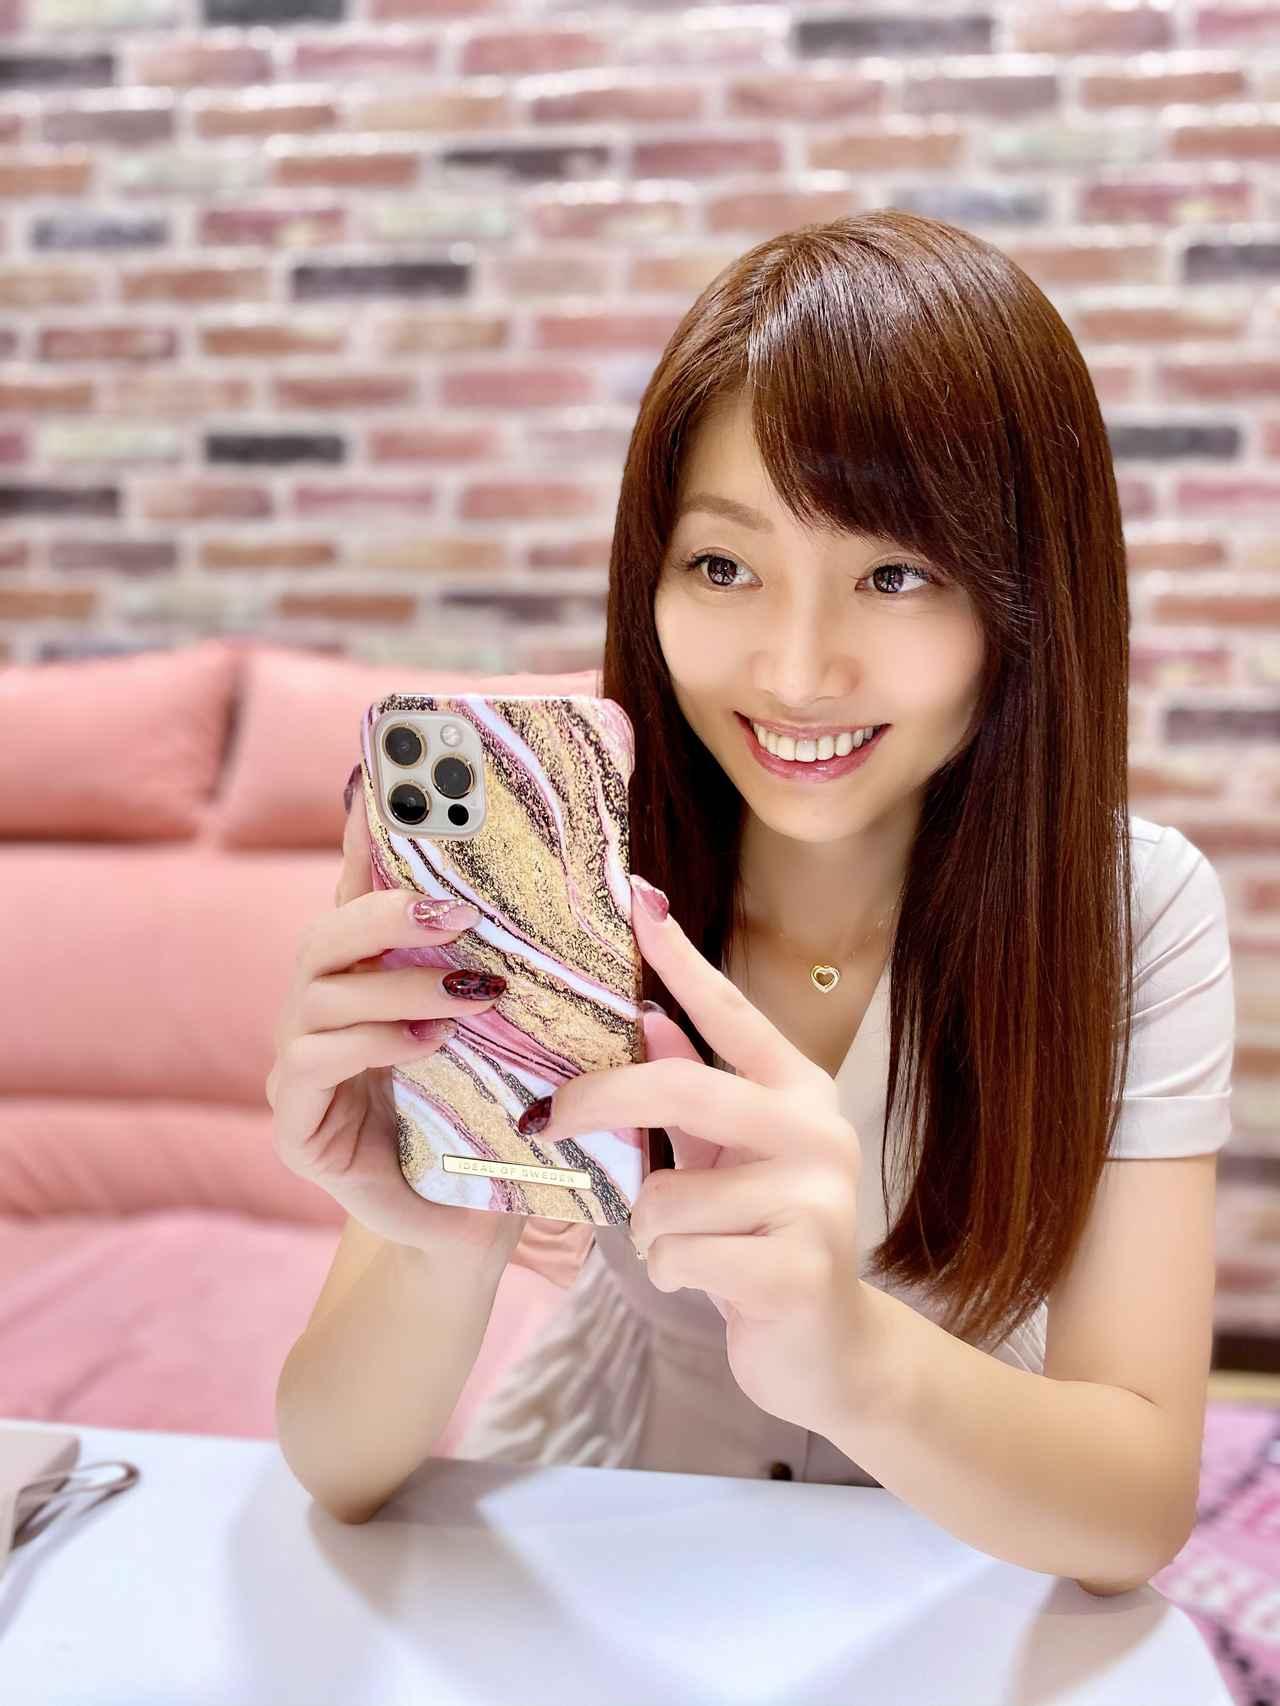 画像3: 【最新機種】どう変わった?iPhone12proを使ってみたリアル感想♡